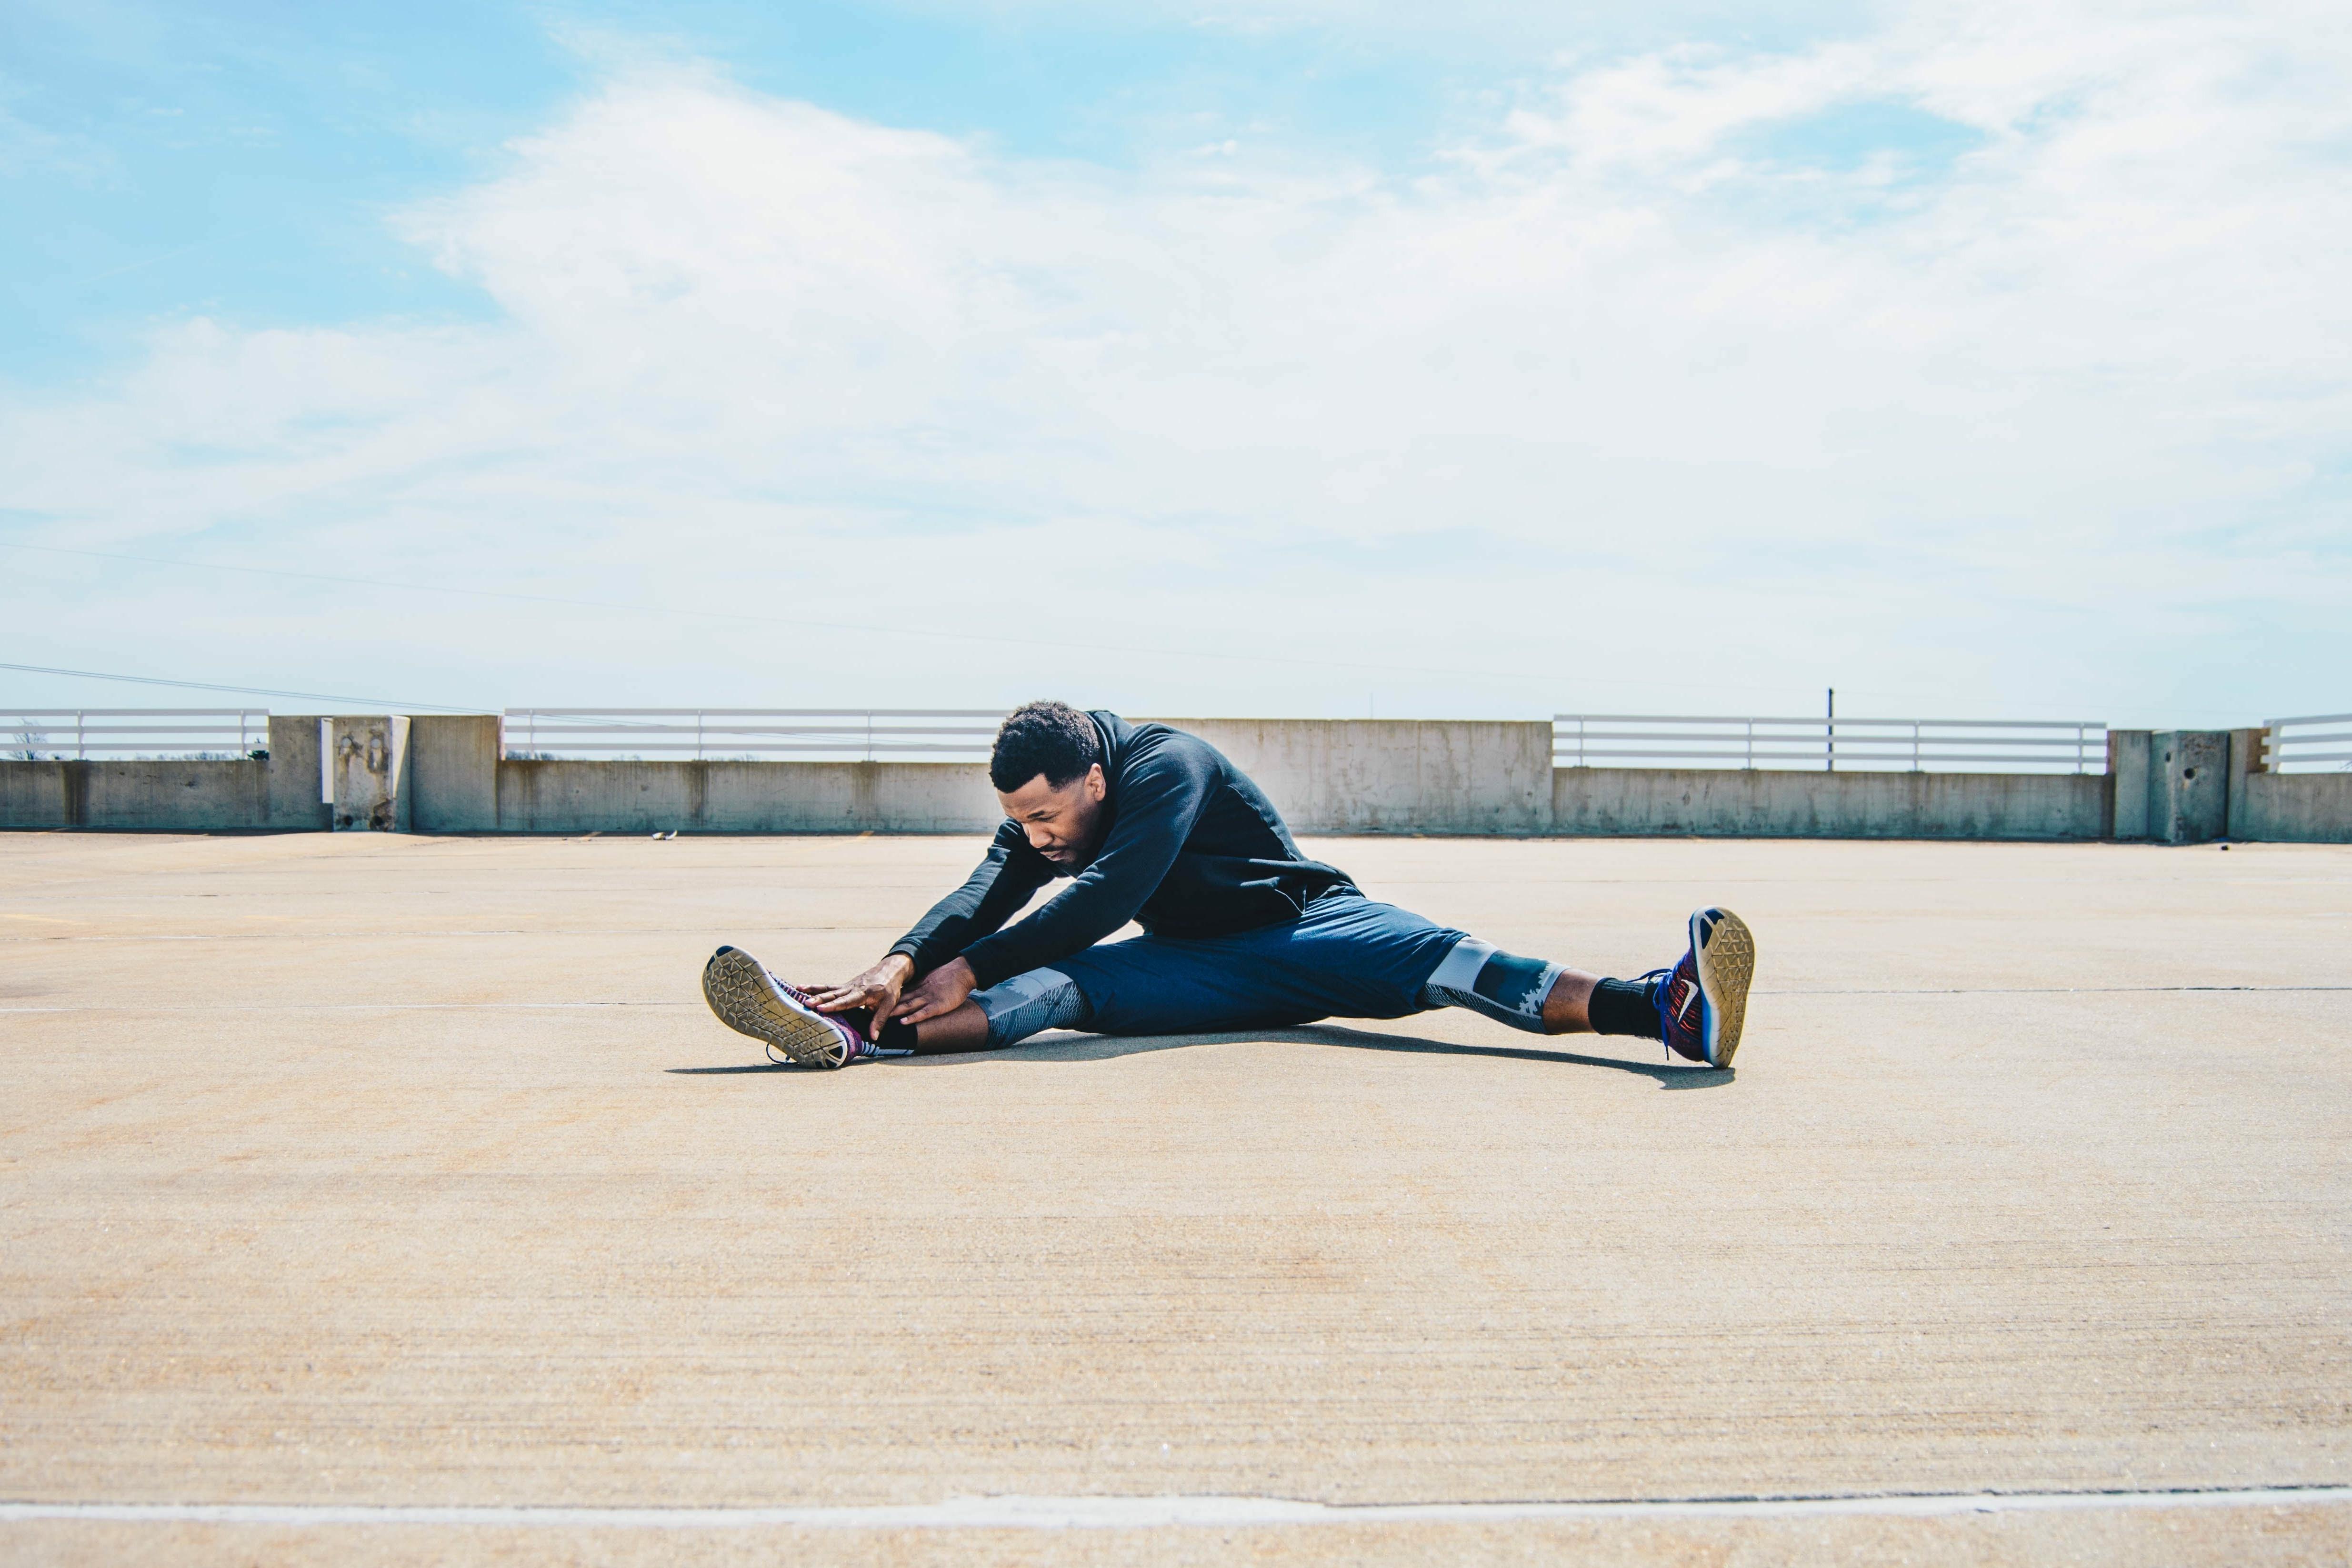 Outdoor-Sport: Mann stretcht sich im Sitzen auf einem Flachdach.